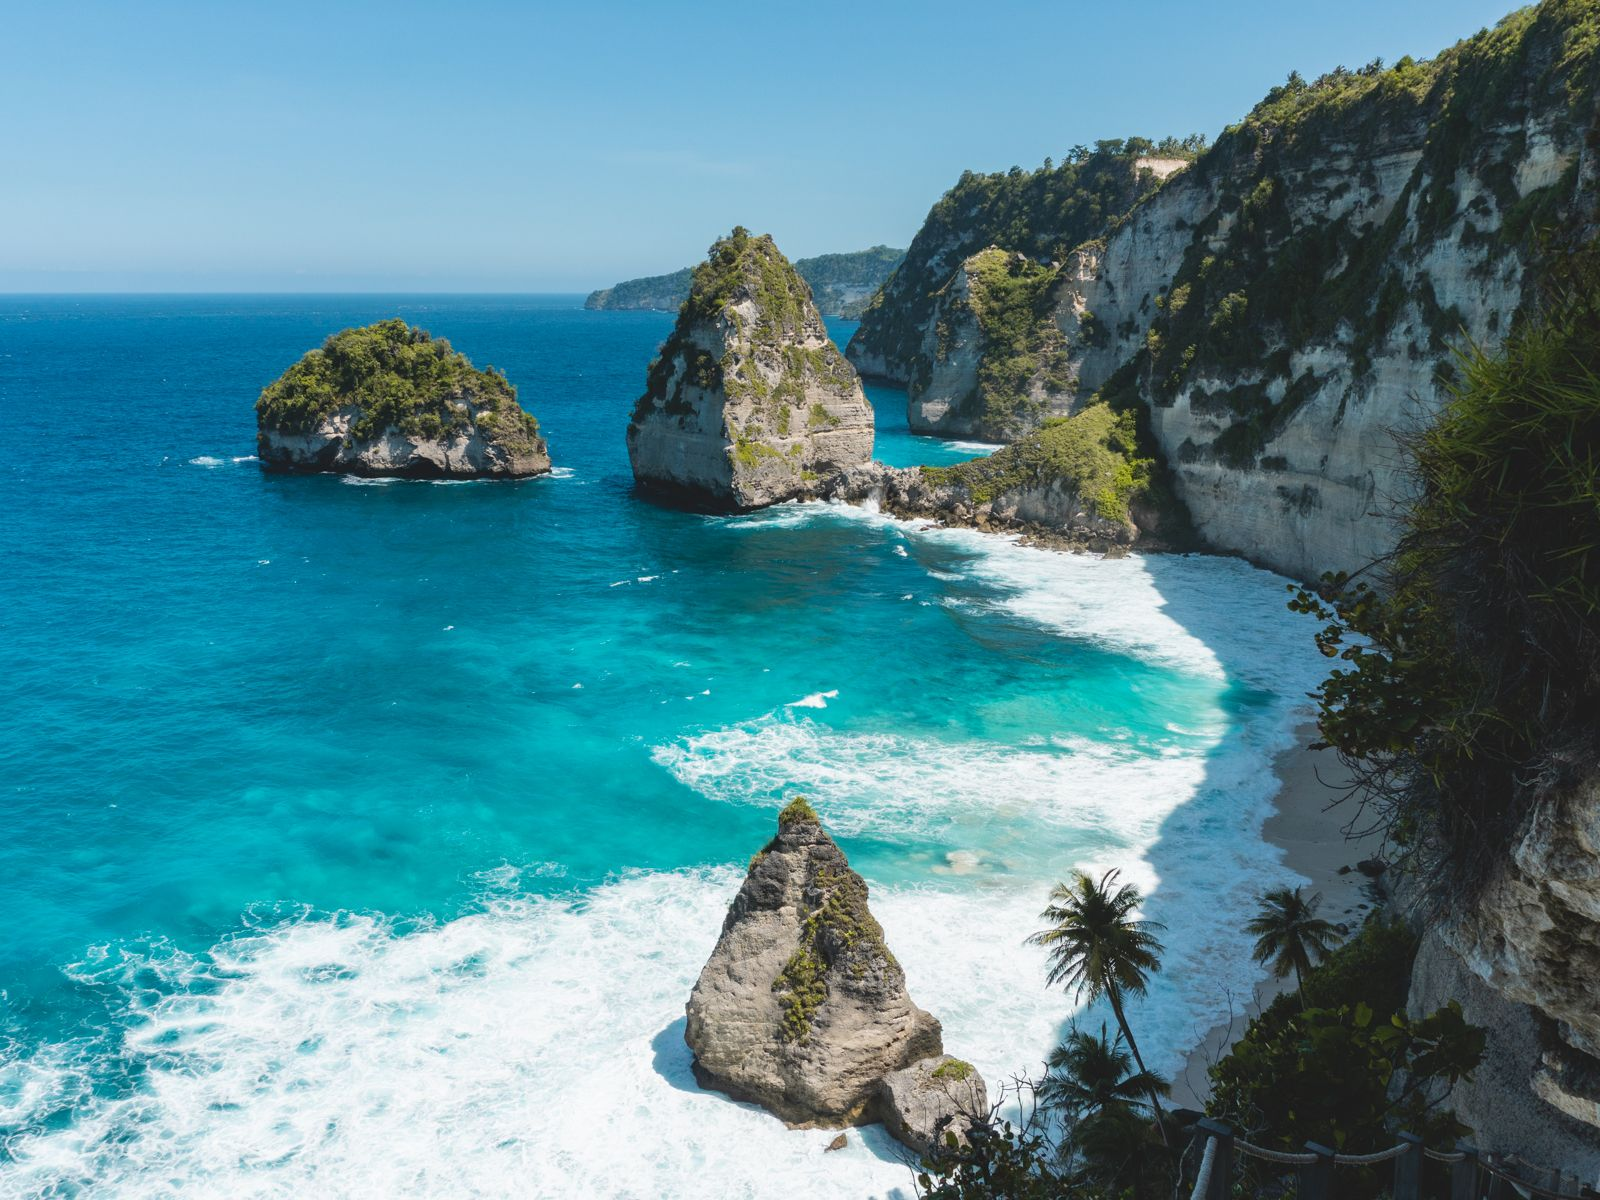 Vista aérea da Atuh Beach em Nusa Penida.